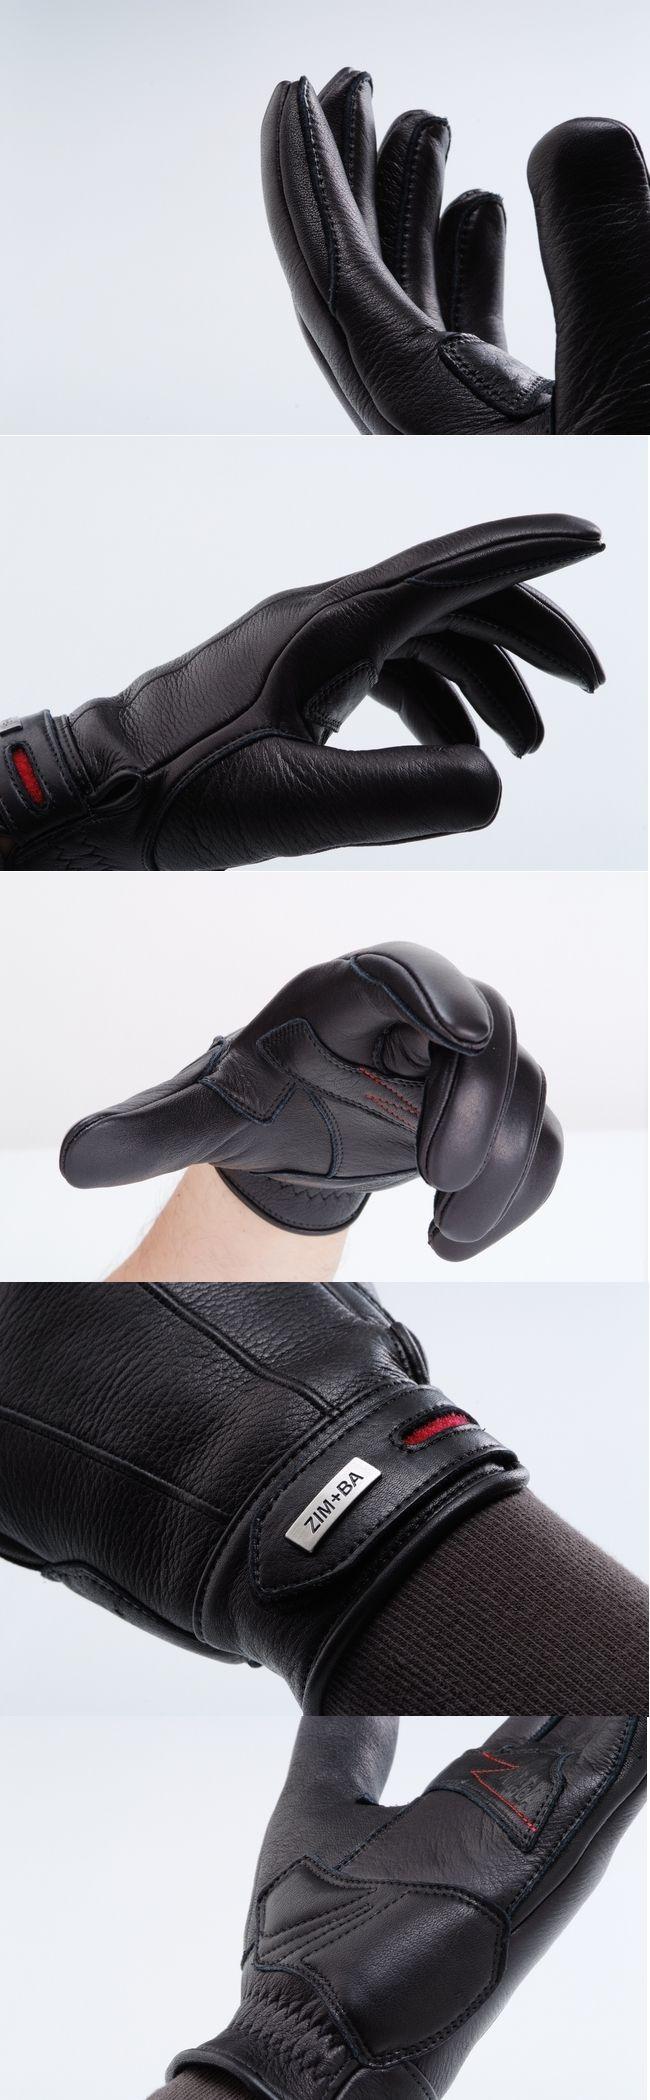 【ZIMBA】皮革手套 - 「Webike-摩托百貨」